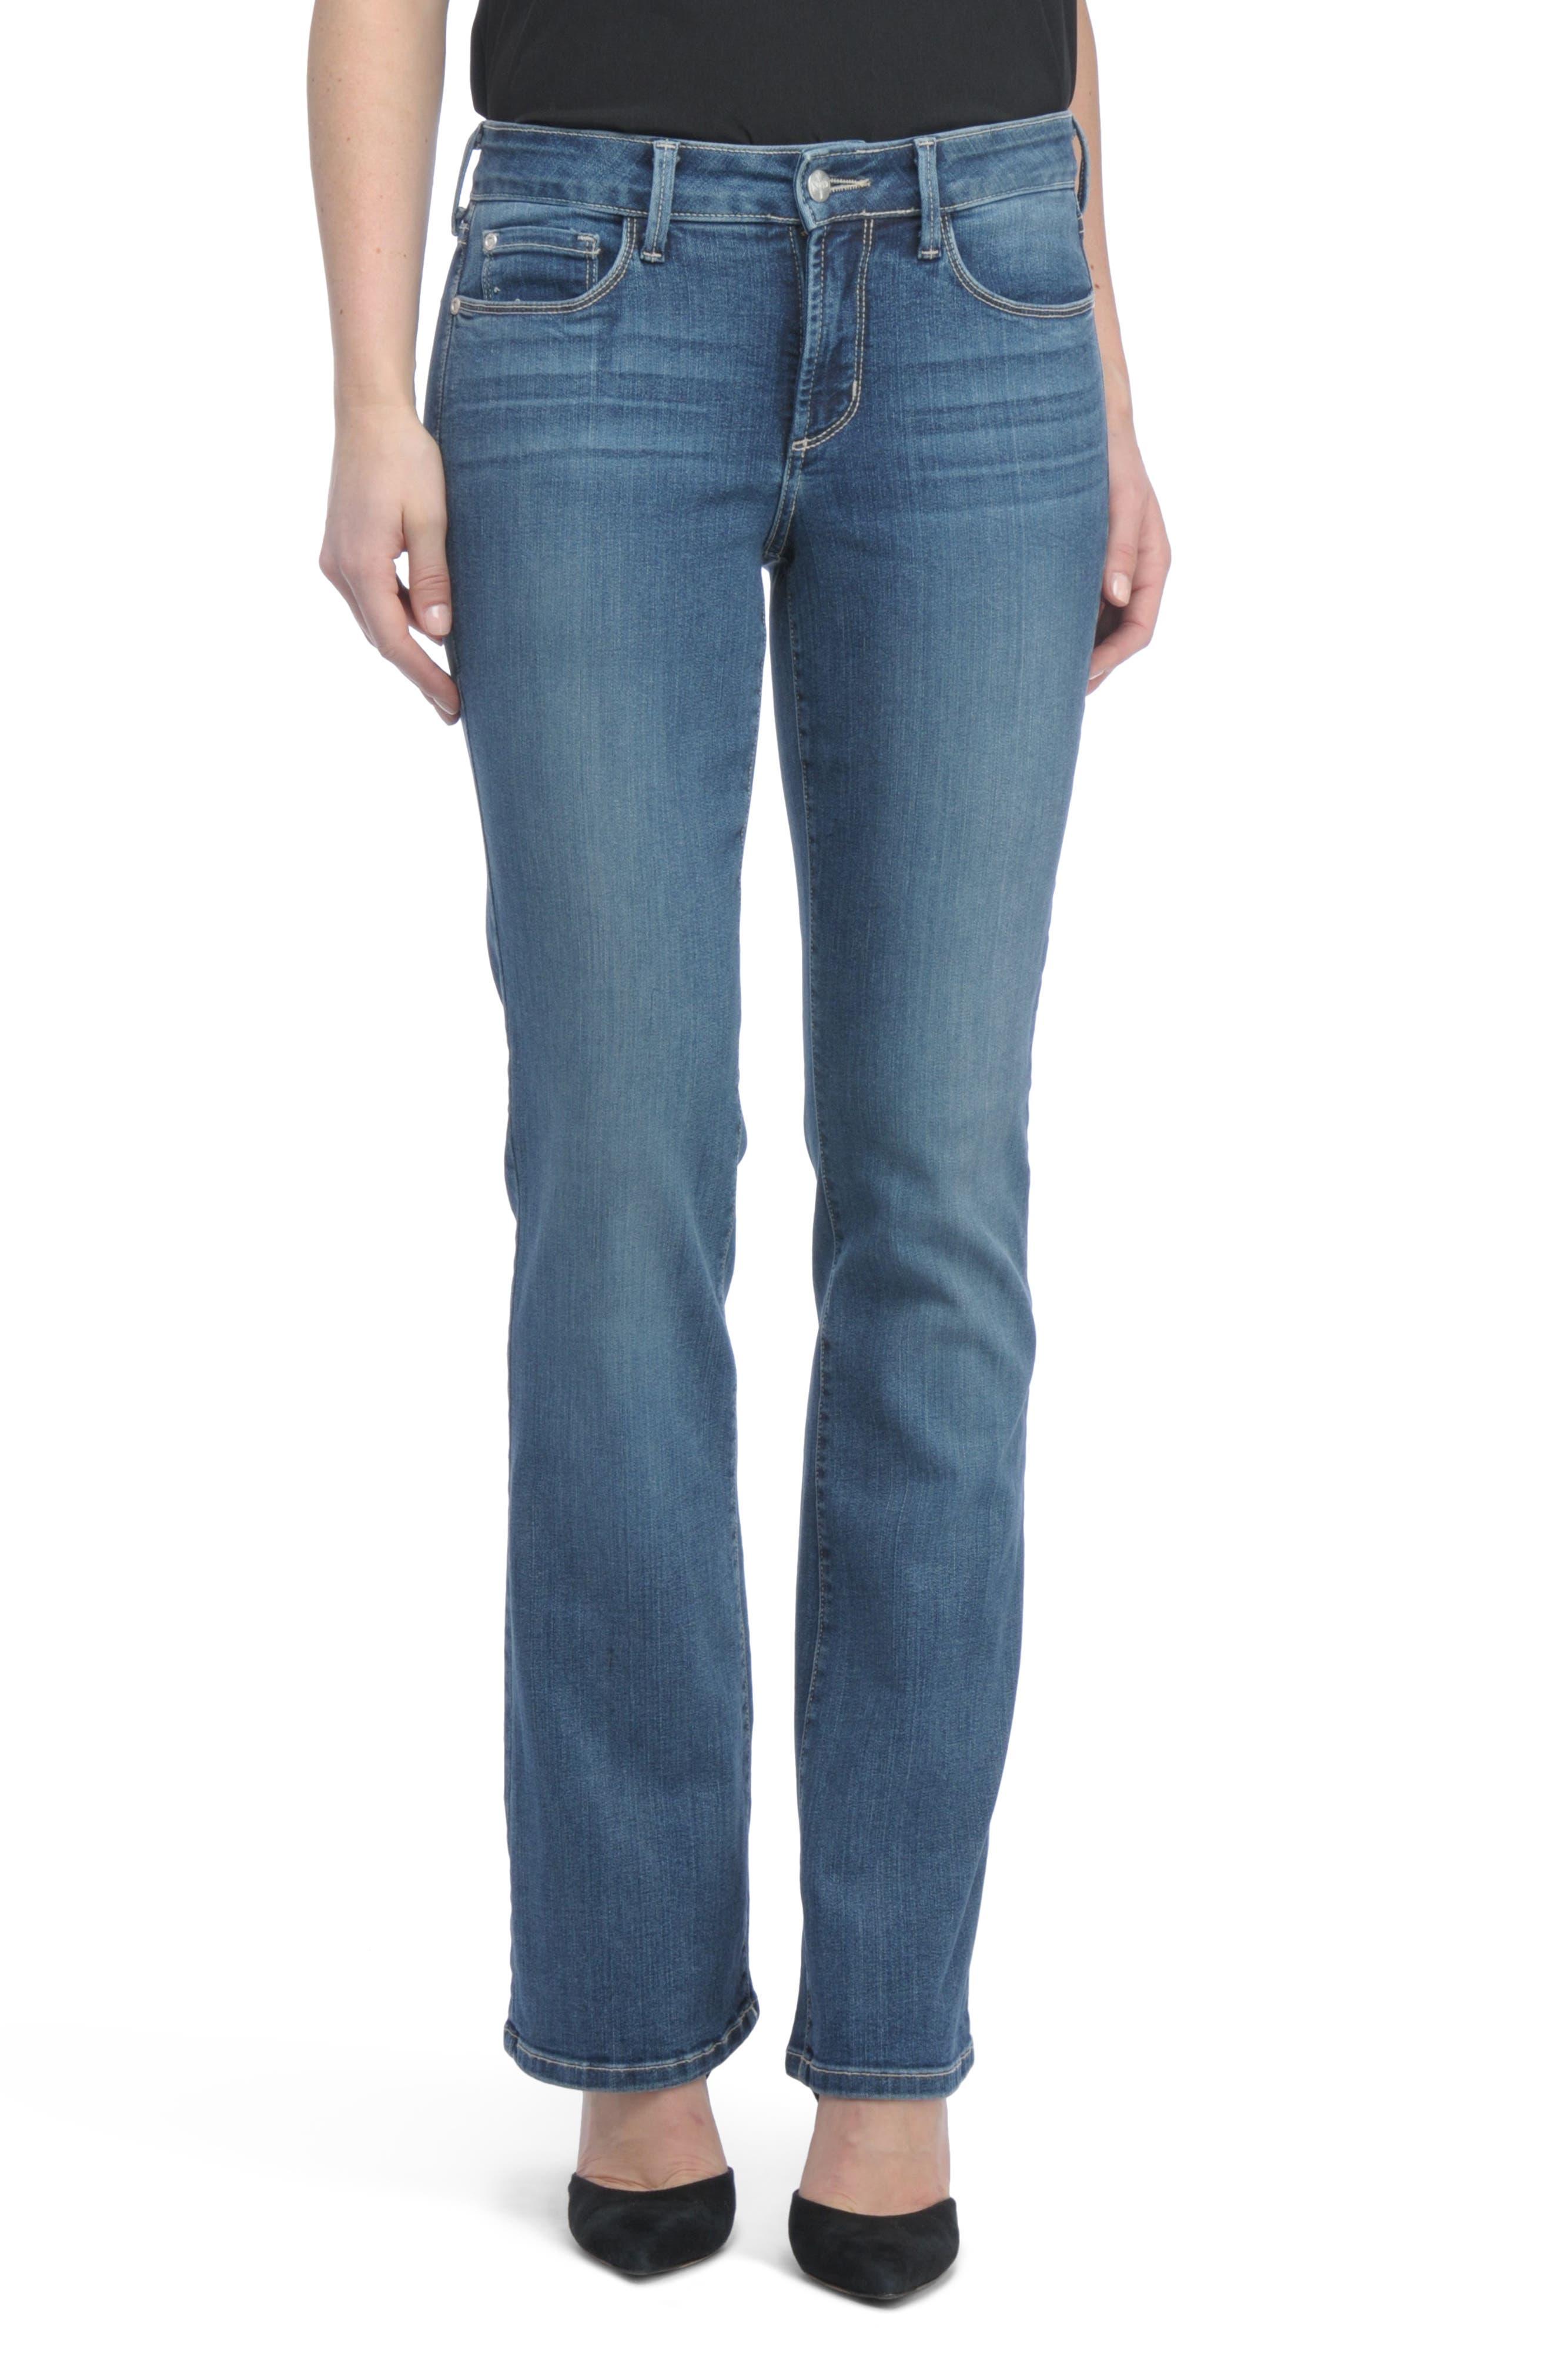 Barbara Bootcut Short Jeans,                             Main thumbnail 1, color,                             421